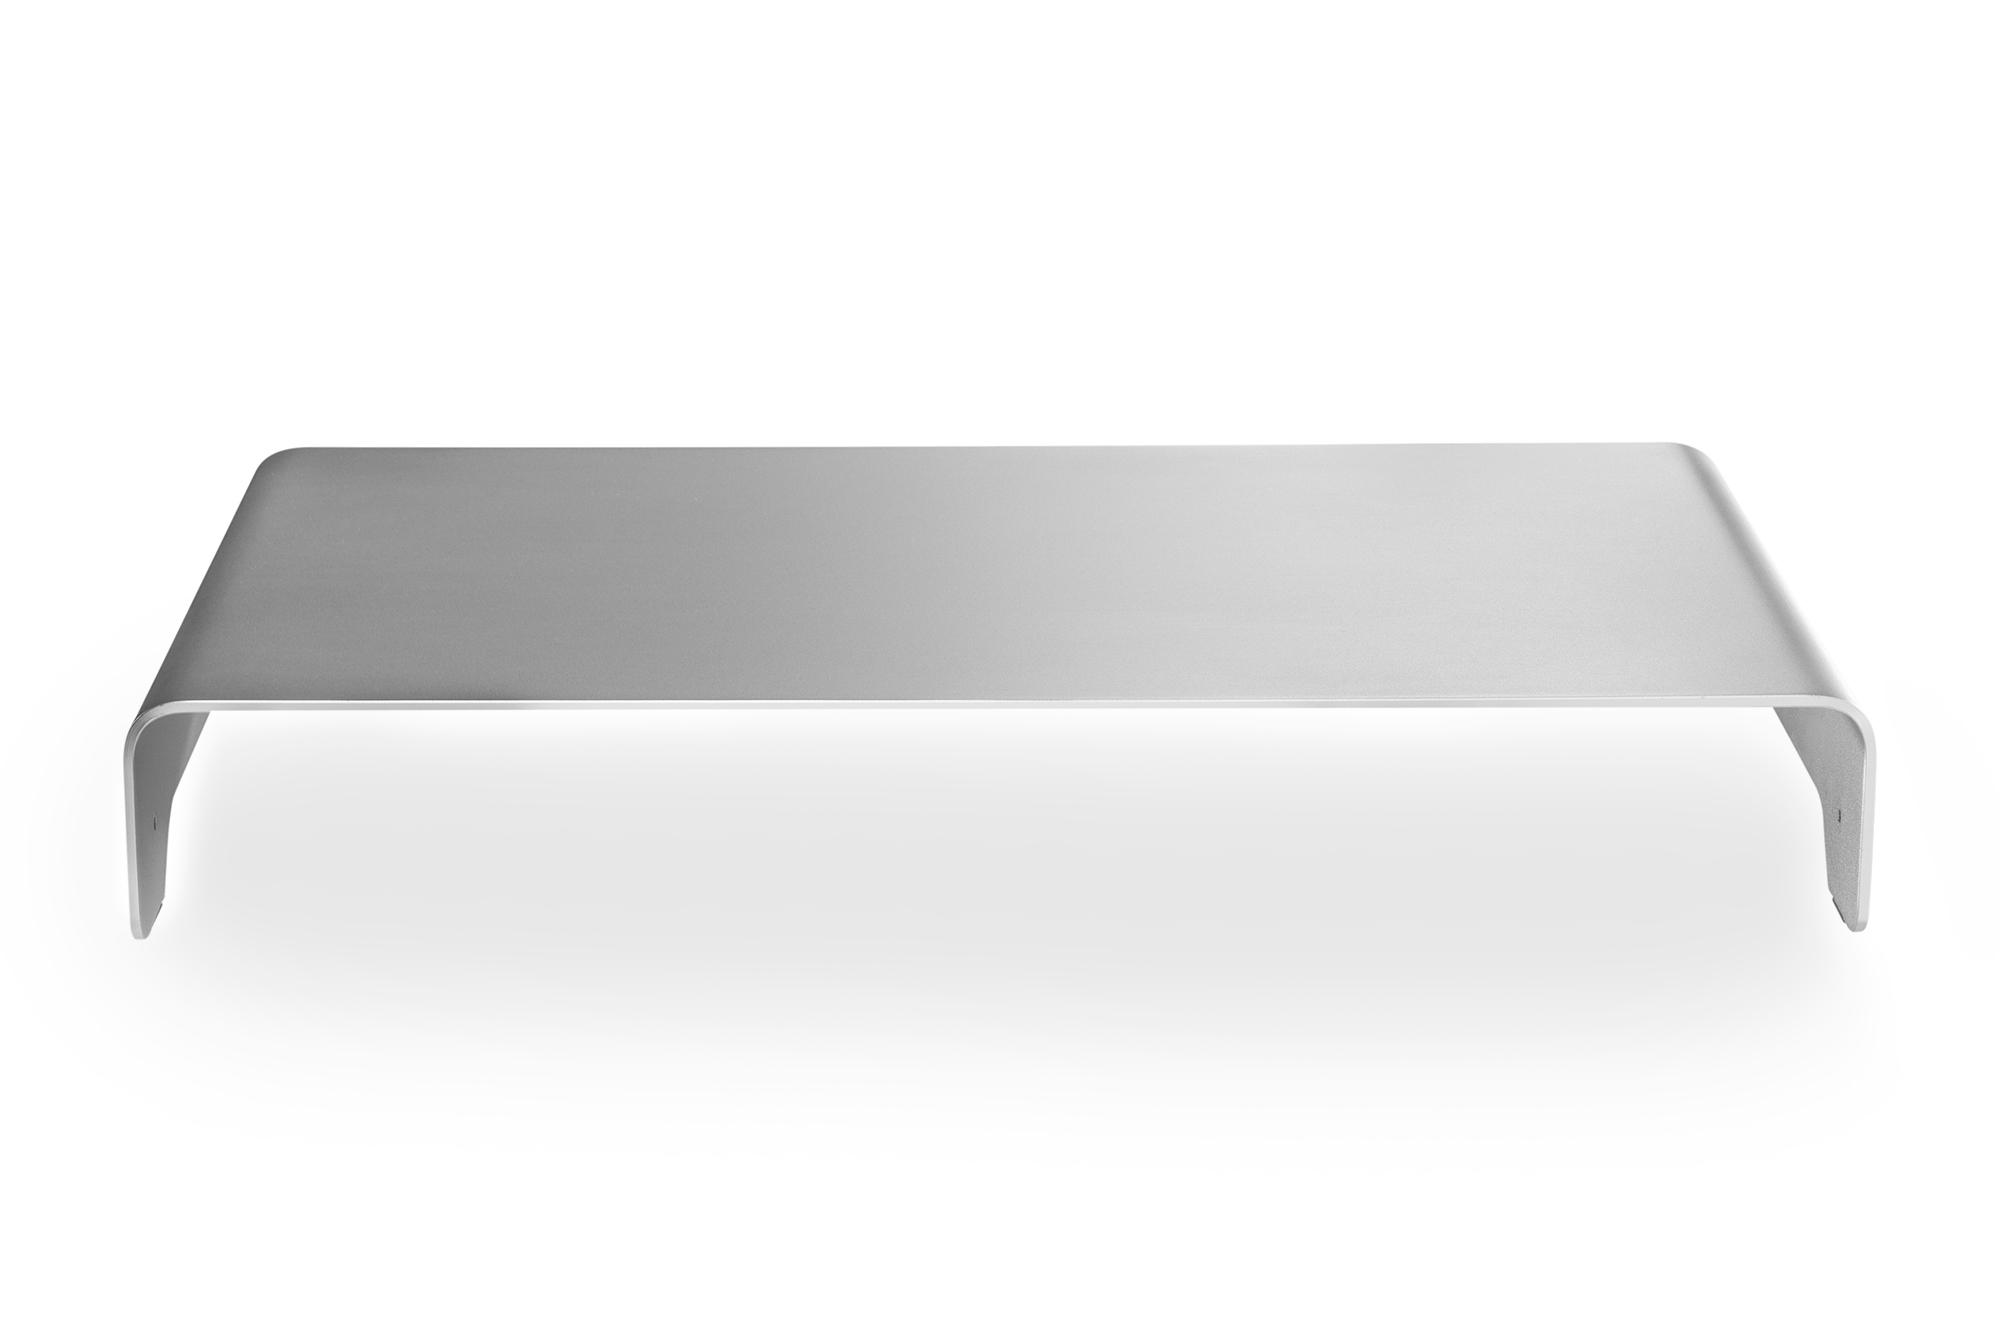 Supporto monitor in alluminio digitus